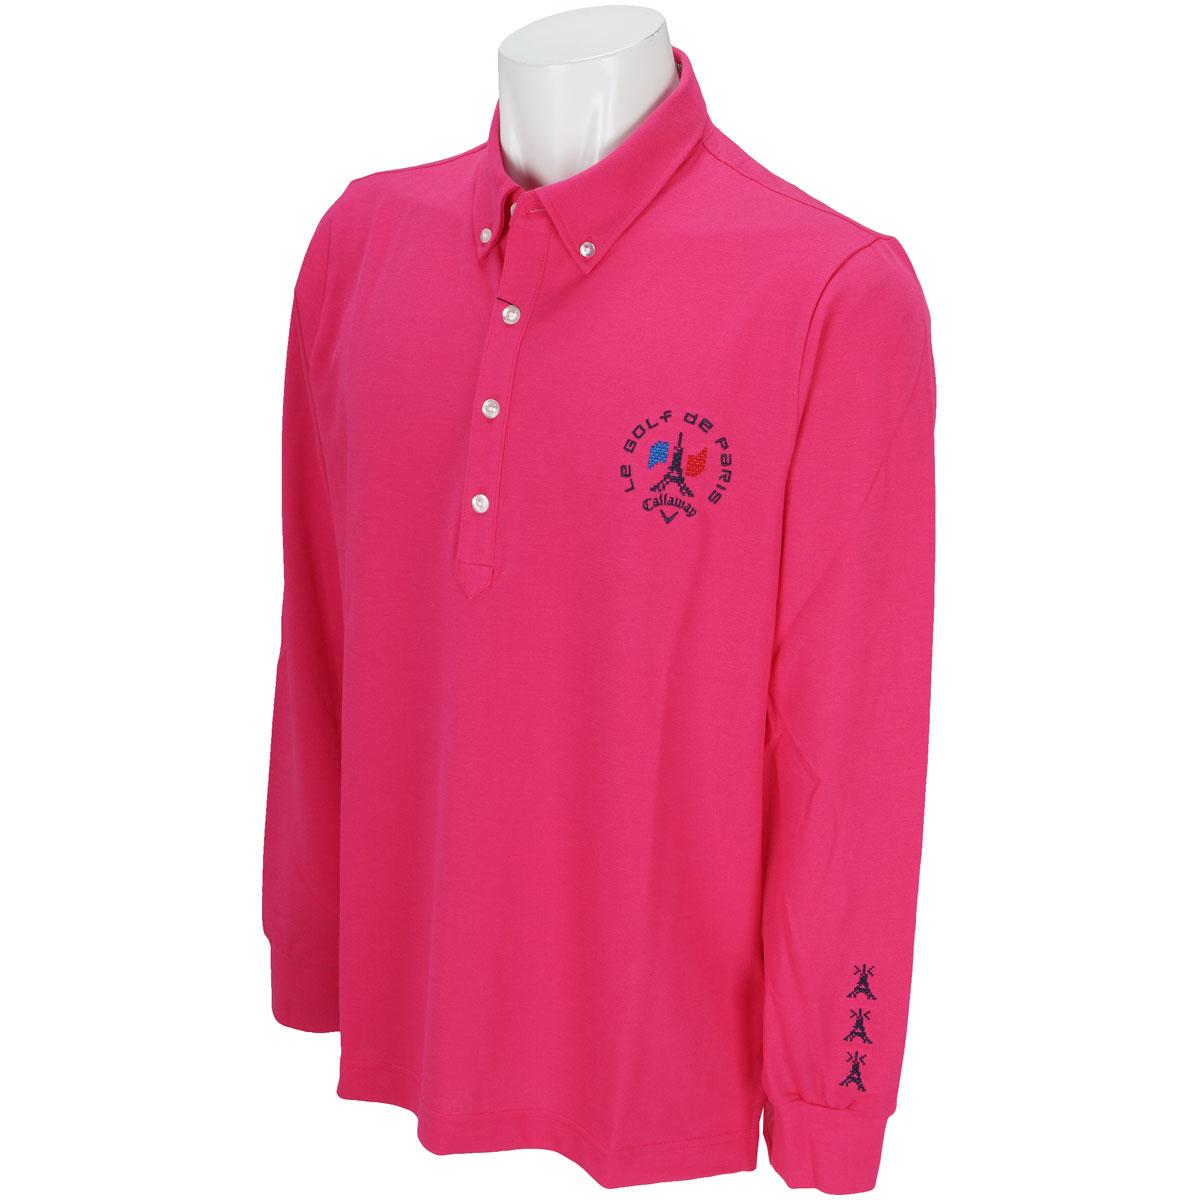 ストレッチ ファイン鹿の子ボタンダウンカラー長袖ポロシャツ